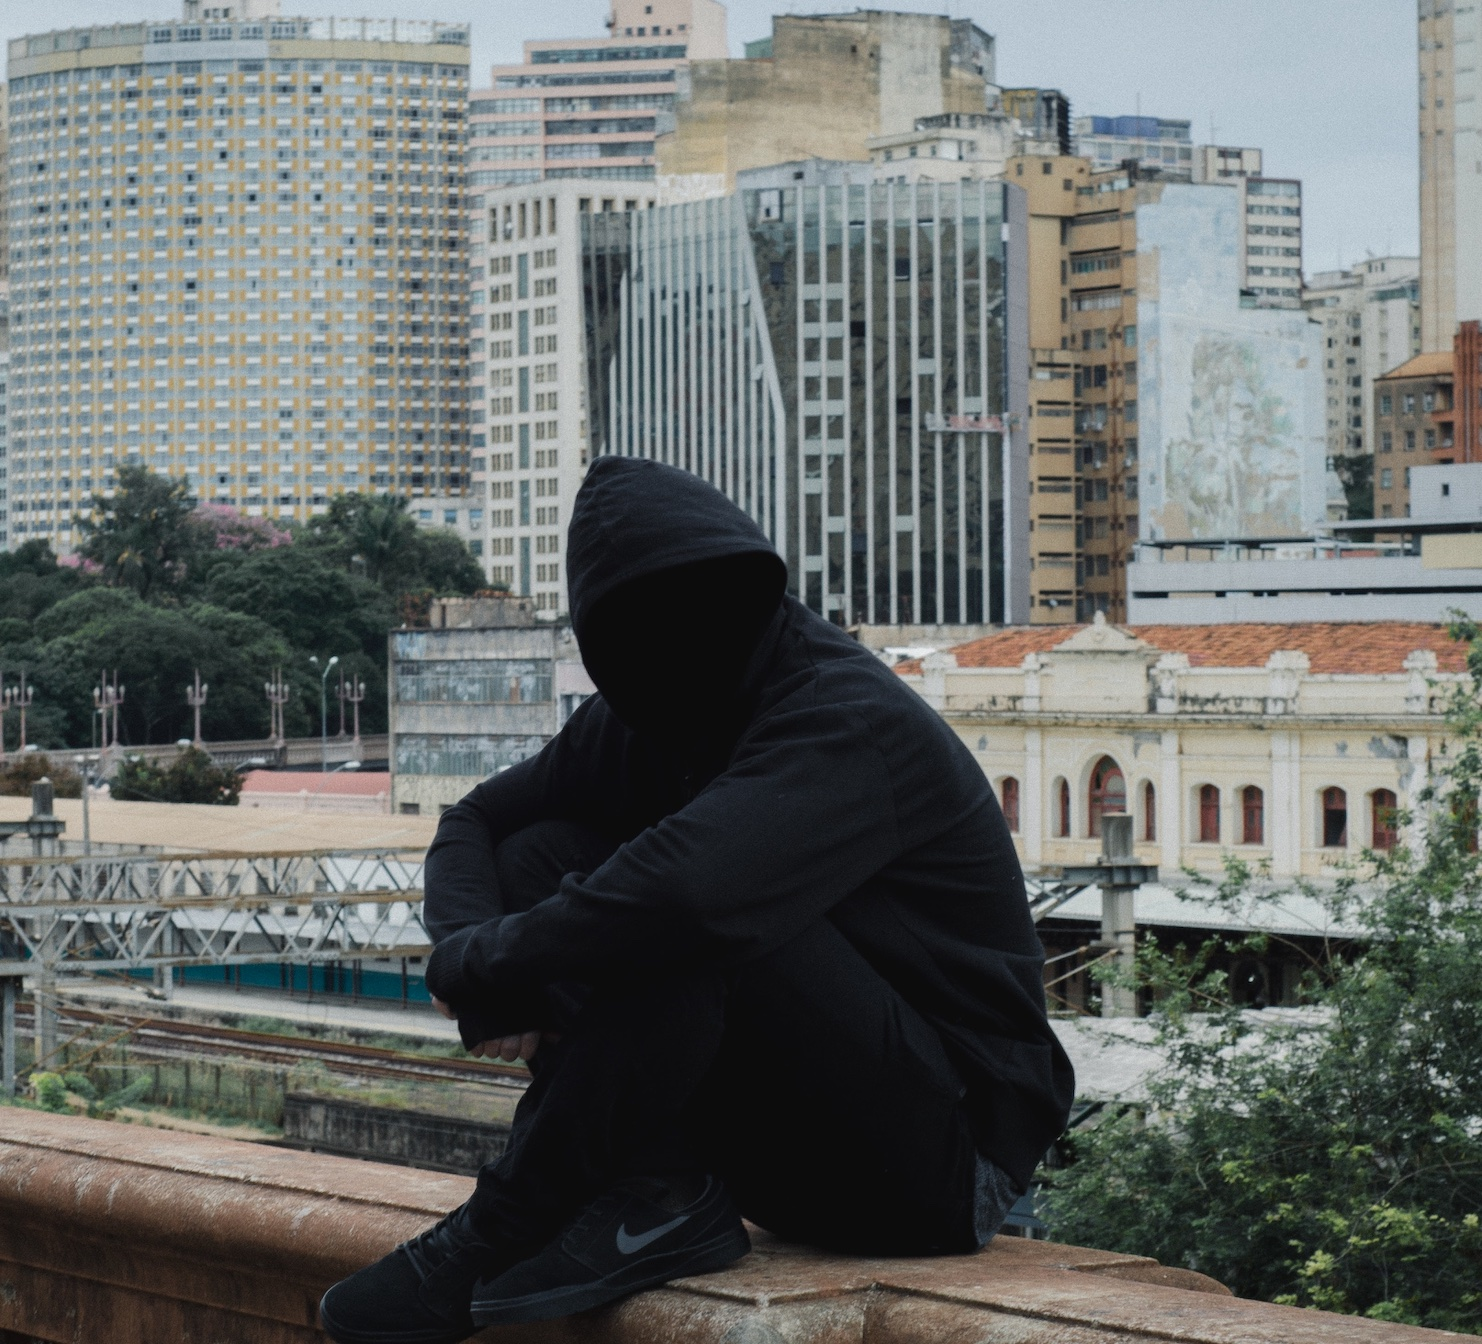 Image by Daniel Monteiro, via Unsplash.com.